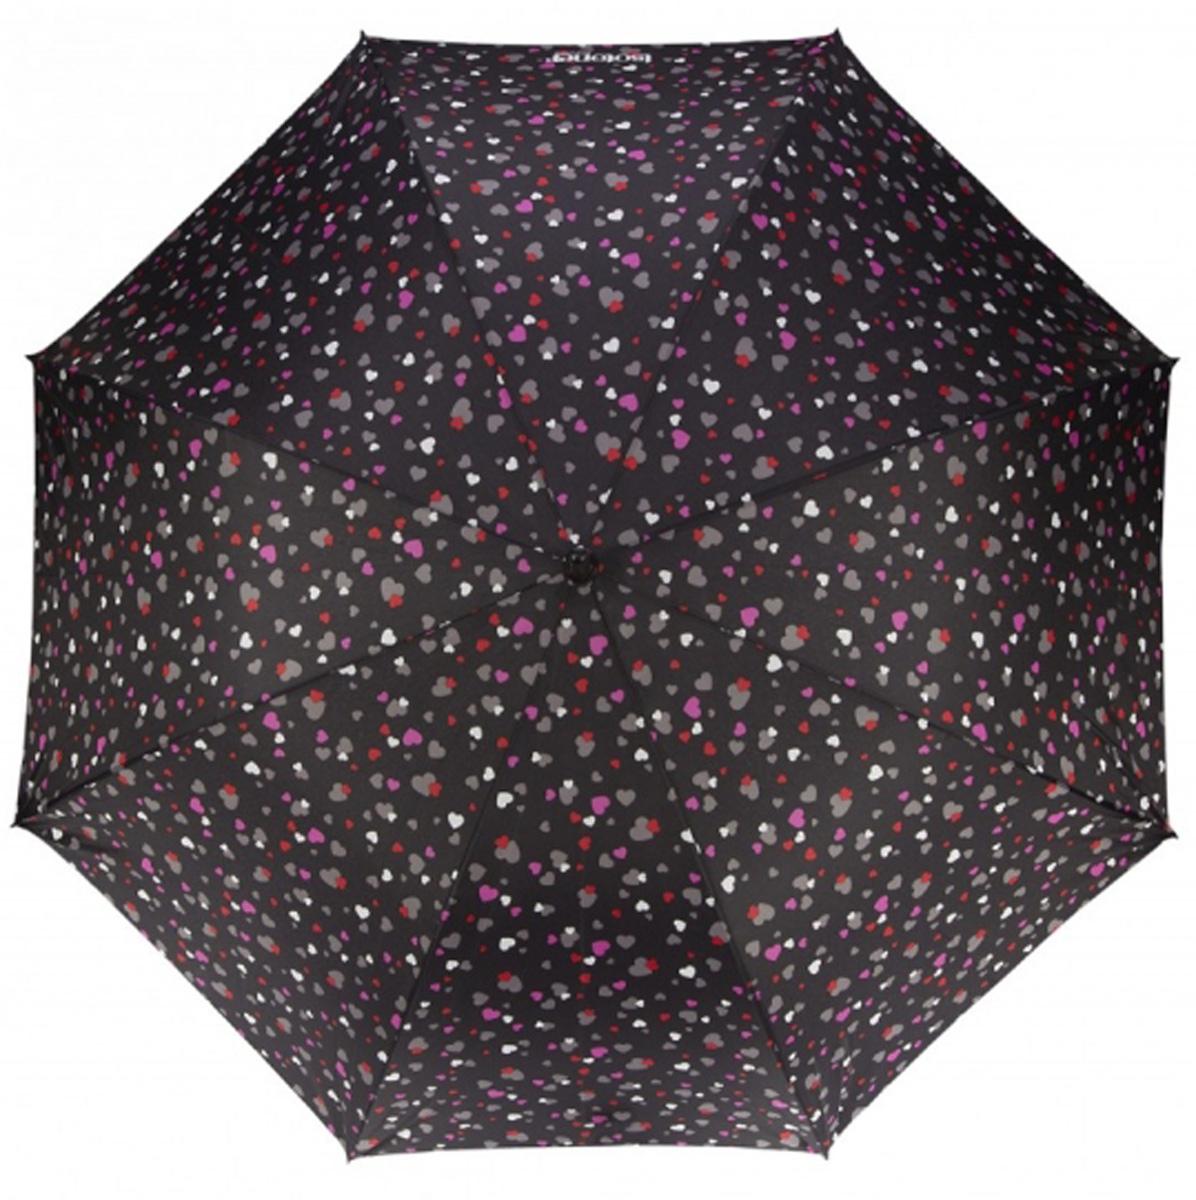 Зонт женский Isotoner Цветные сердца, механический, 5 сложений, цвет: черный, мультиколор. 09137-357709137-3577Компактный женский зонт Isotoner изготовлен из металла и пластика. Каркас зонта на прочном металлическом стержне. Купол зонта изготовлен качественного полиэстера. Закрытый купол застегивается на липучку хлястиком. Практичная рукоятка закругленной формы разработана с учетом требований эргономики. Зонт складывается и раскладывается механическим способом. Такой зонт не только надежно защитит от дождя, но и станет стильным аксессуаром.